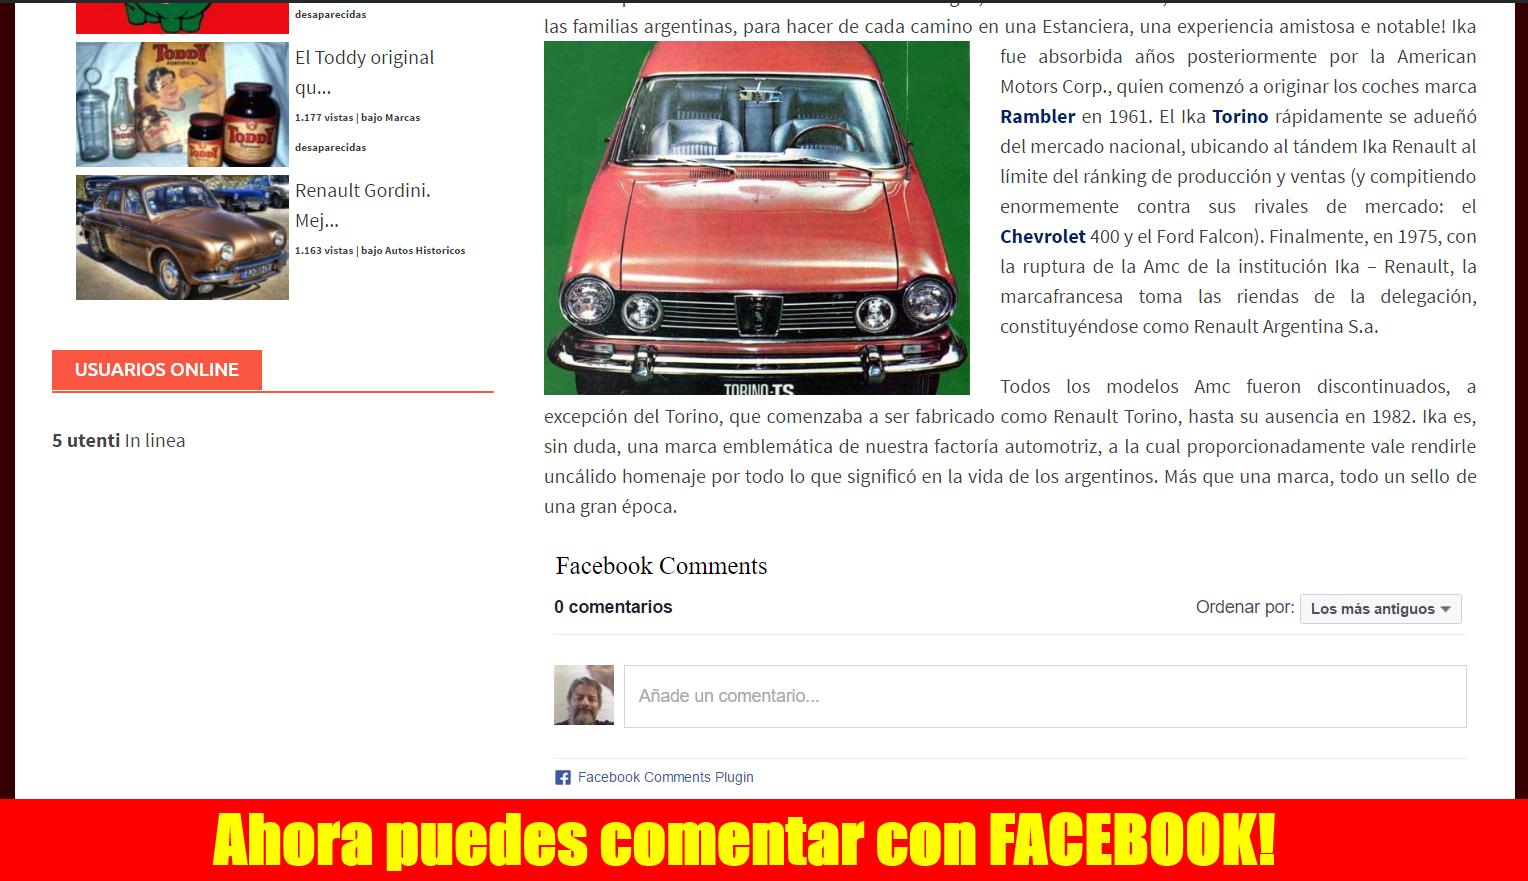 Ahora+puedes+comentar+los+articulos+del+blog+con+Facebook!